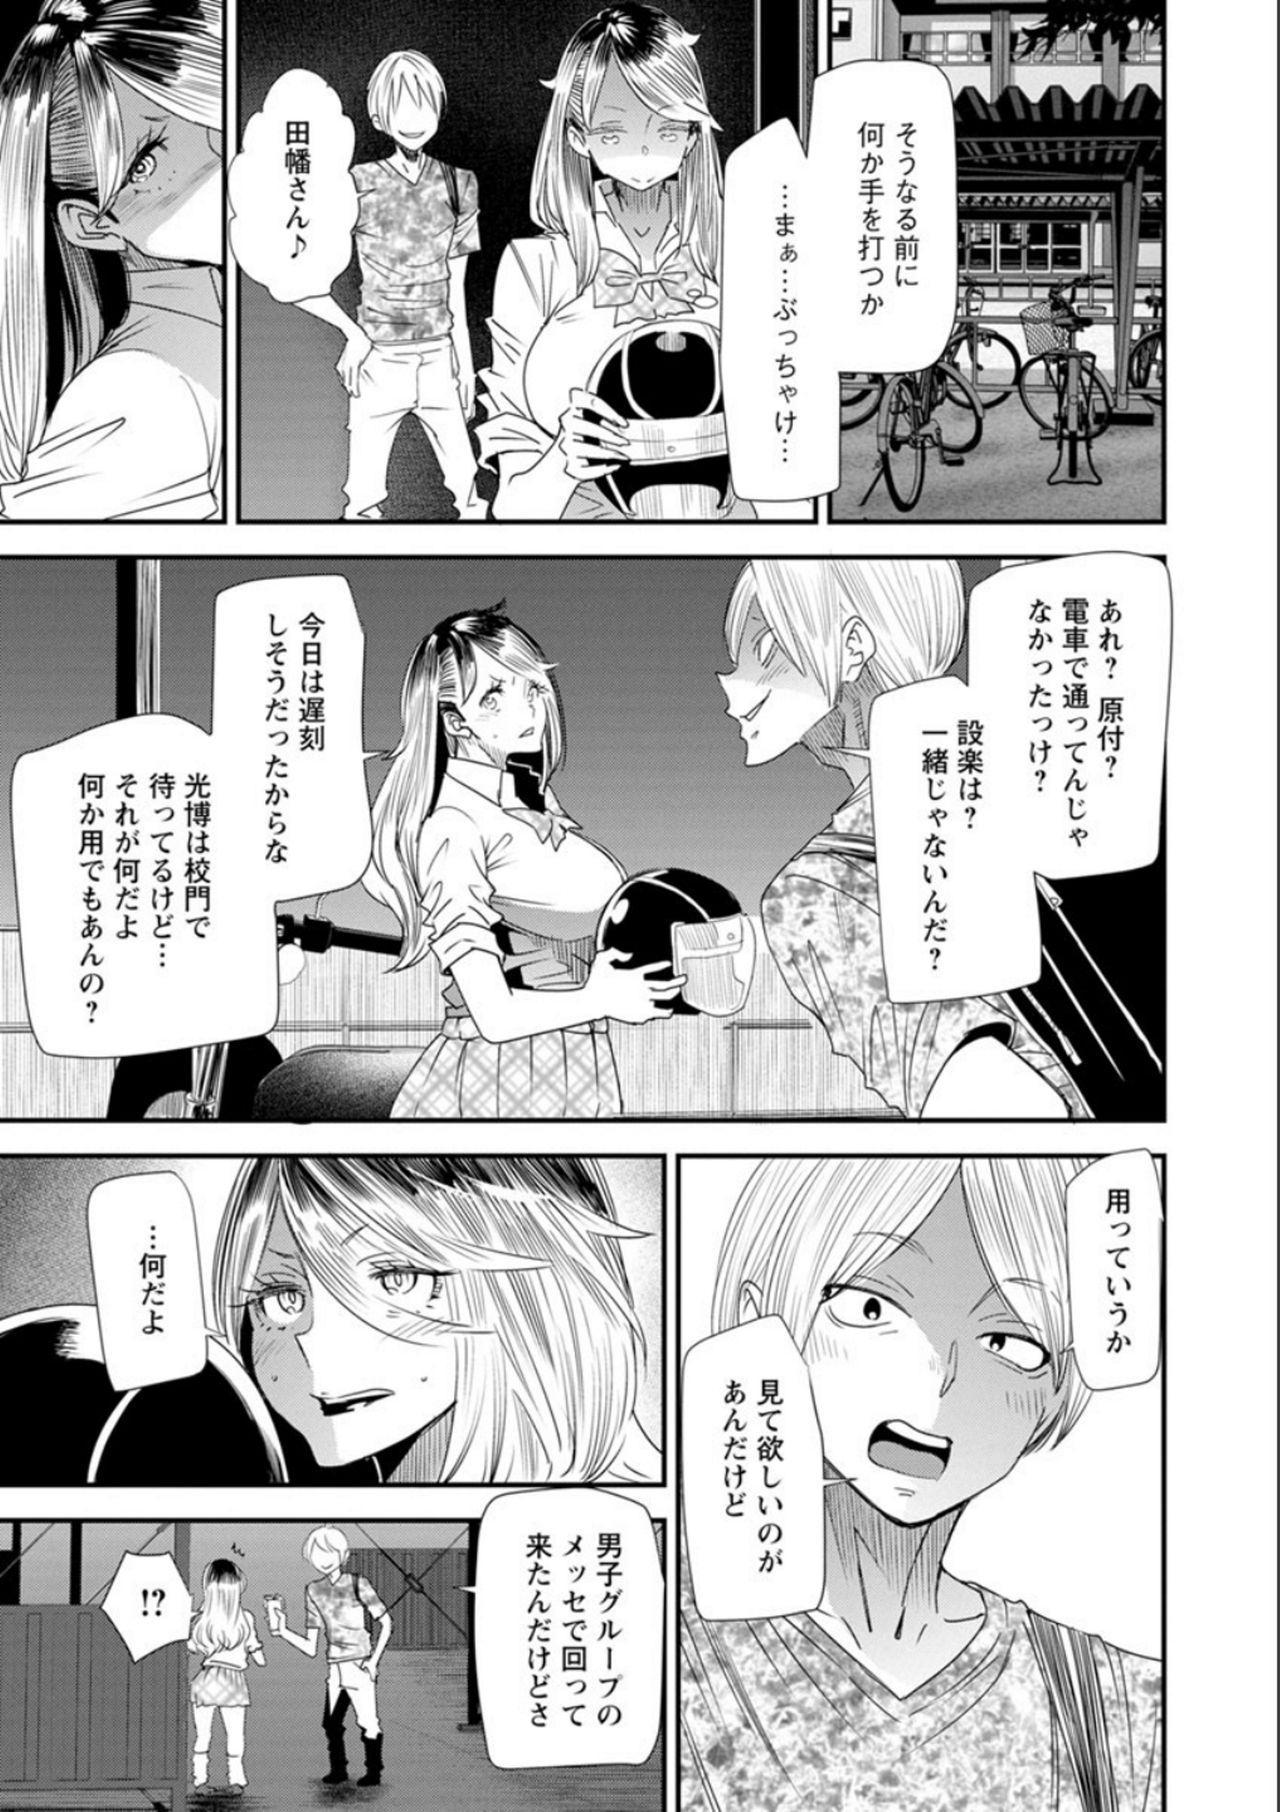 Nao's Secret 70